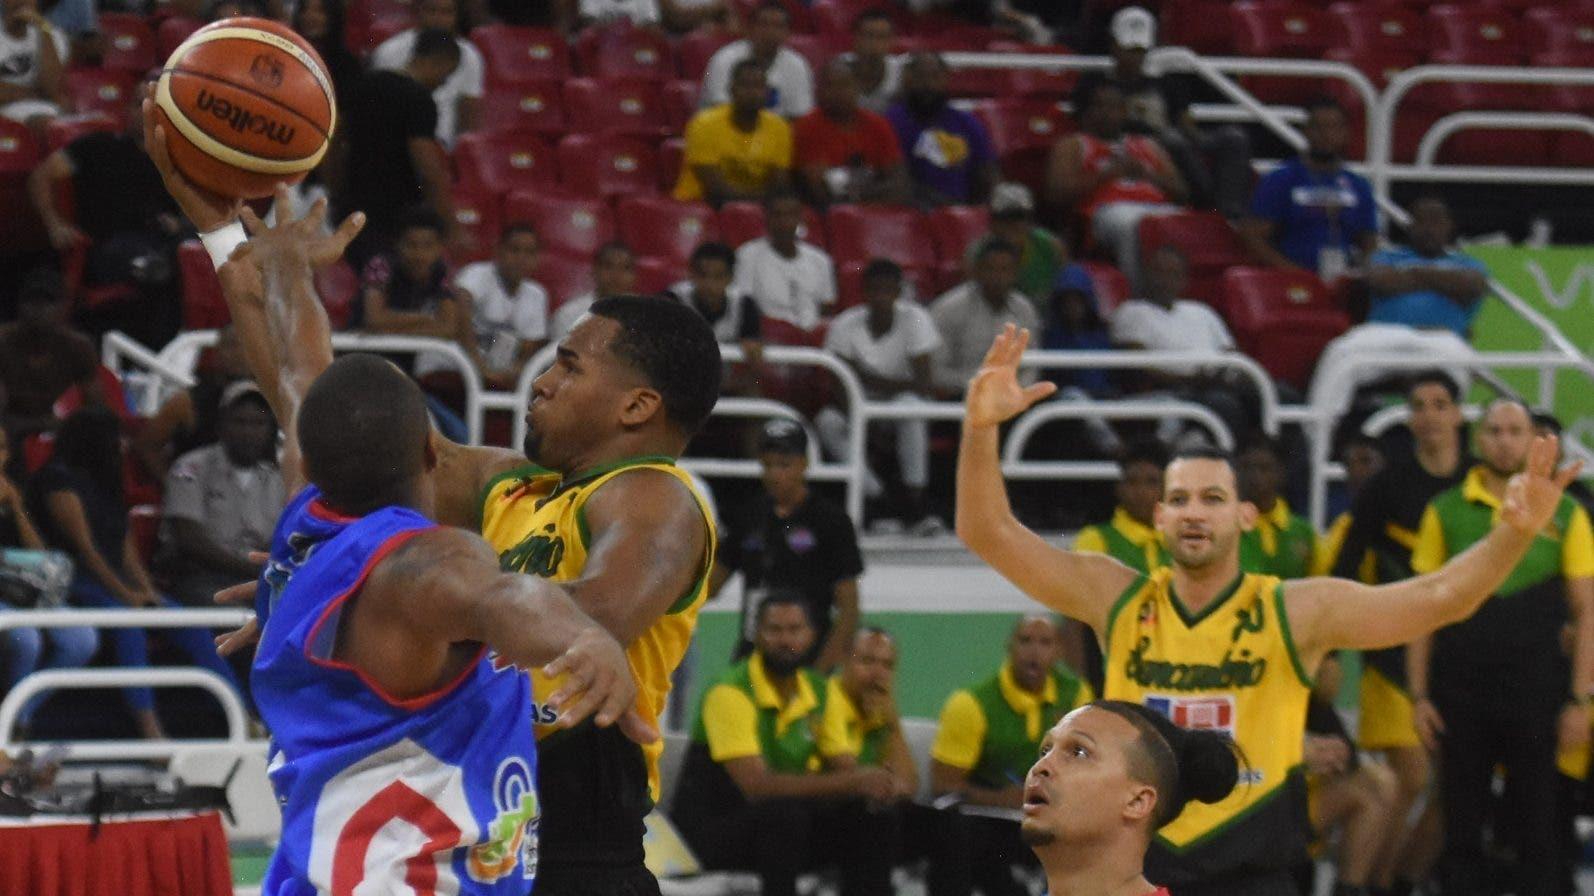 Torneo baloncesto de Distrito Nacional suspendido por Covid-19